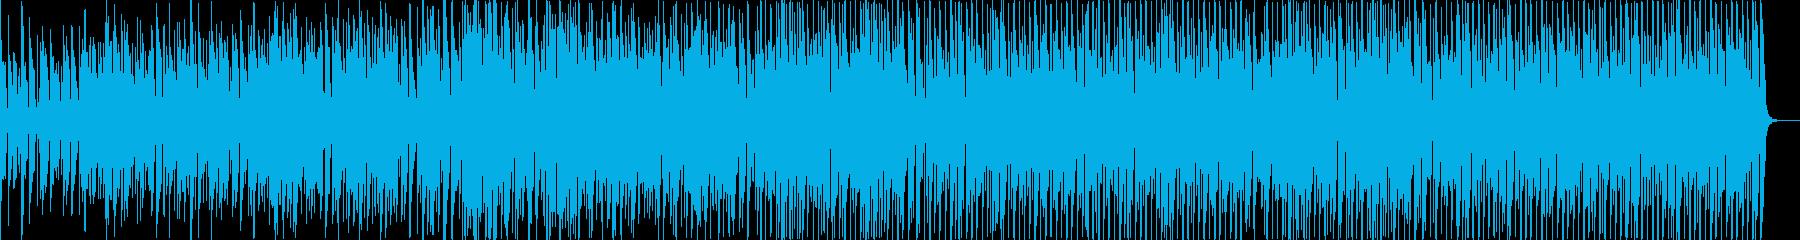 ポップ 楽しげ ファンタジー エキ...の再生済みの波形